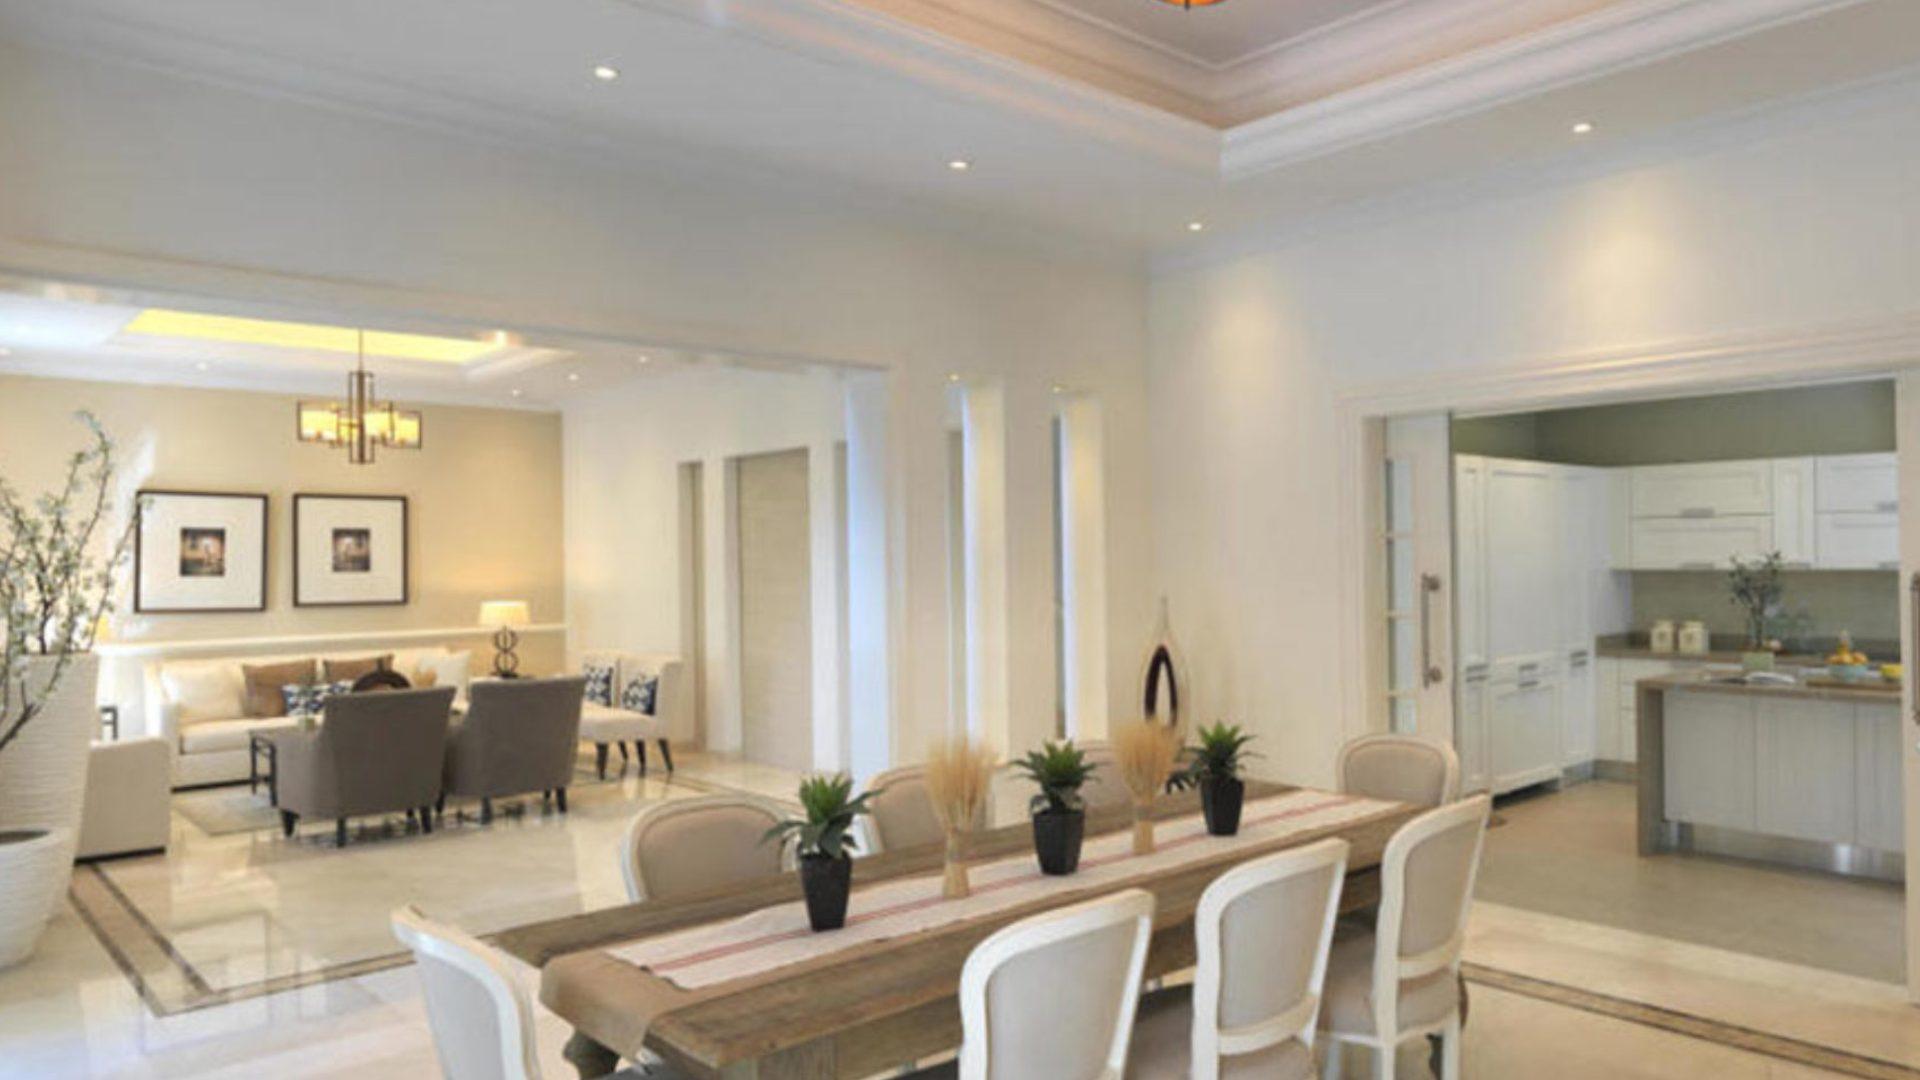 Villa en venta en Dubai, EAU, 7 dormitorios, 1560 m2, № 24432 – foto 6